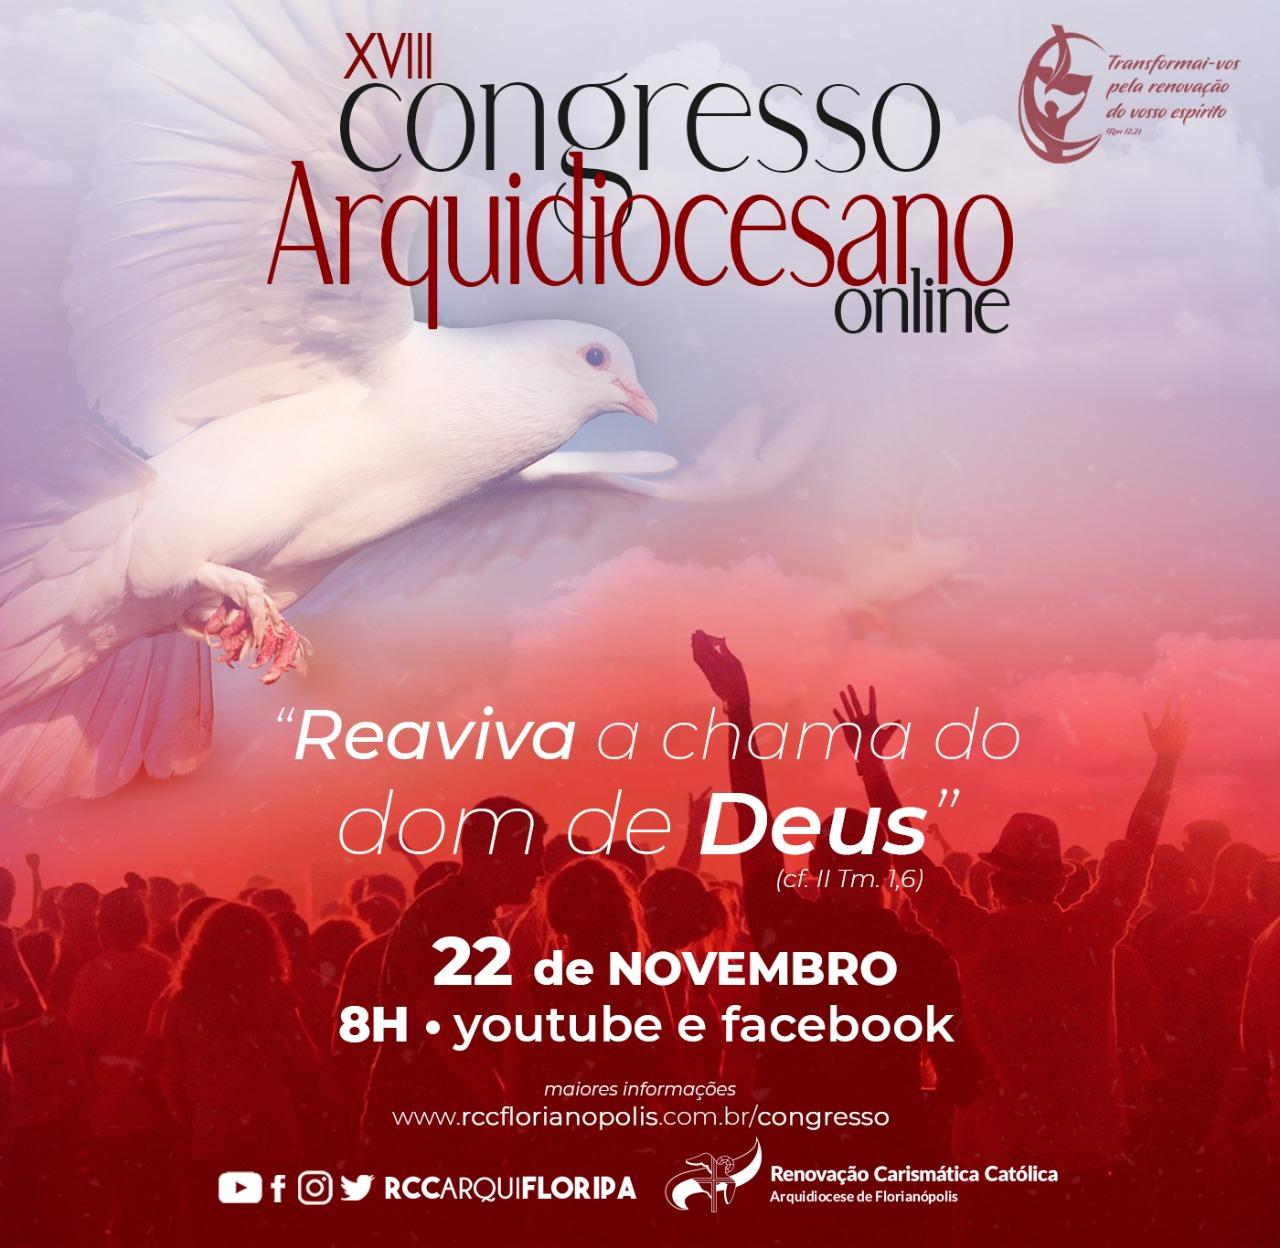 XVlll Congresso Arquidiocesano exorta a reavivar a chama do dom de Deus